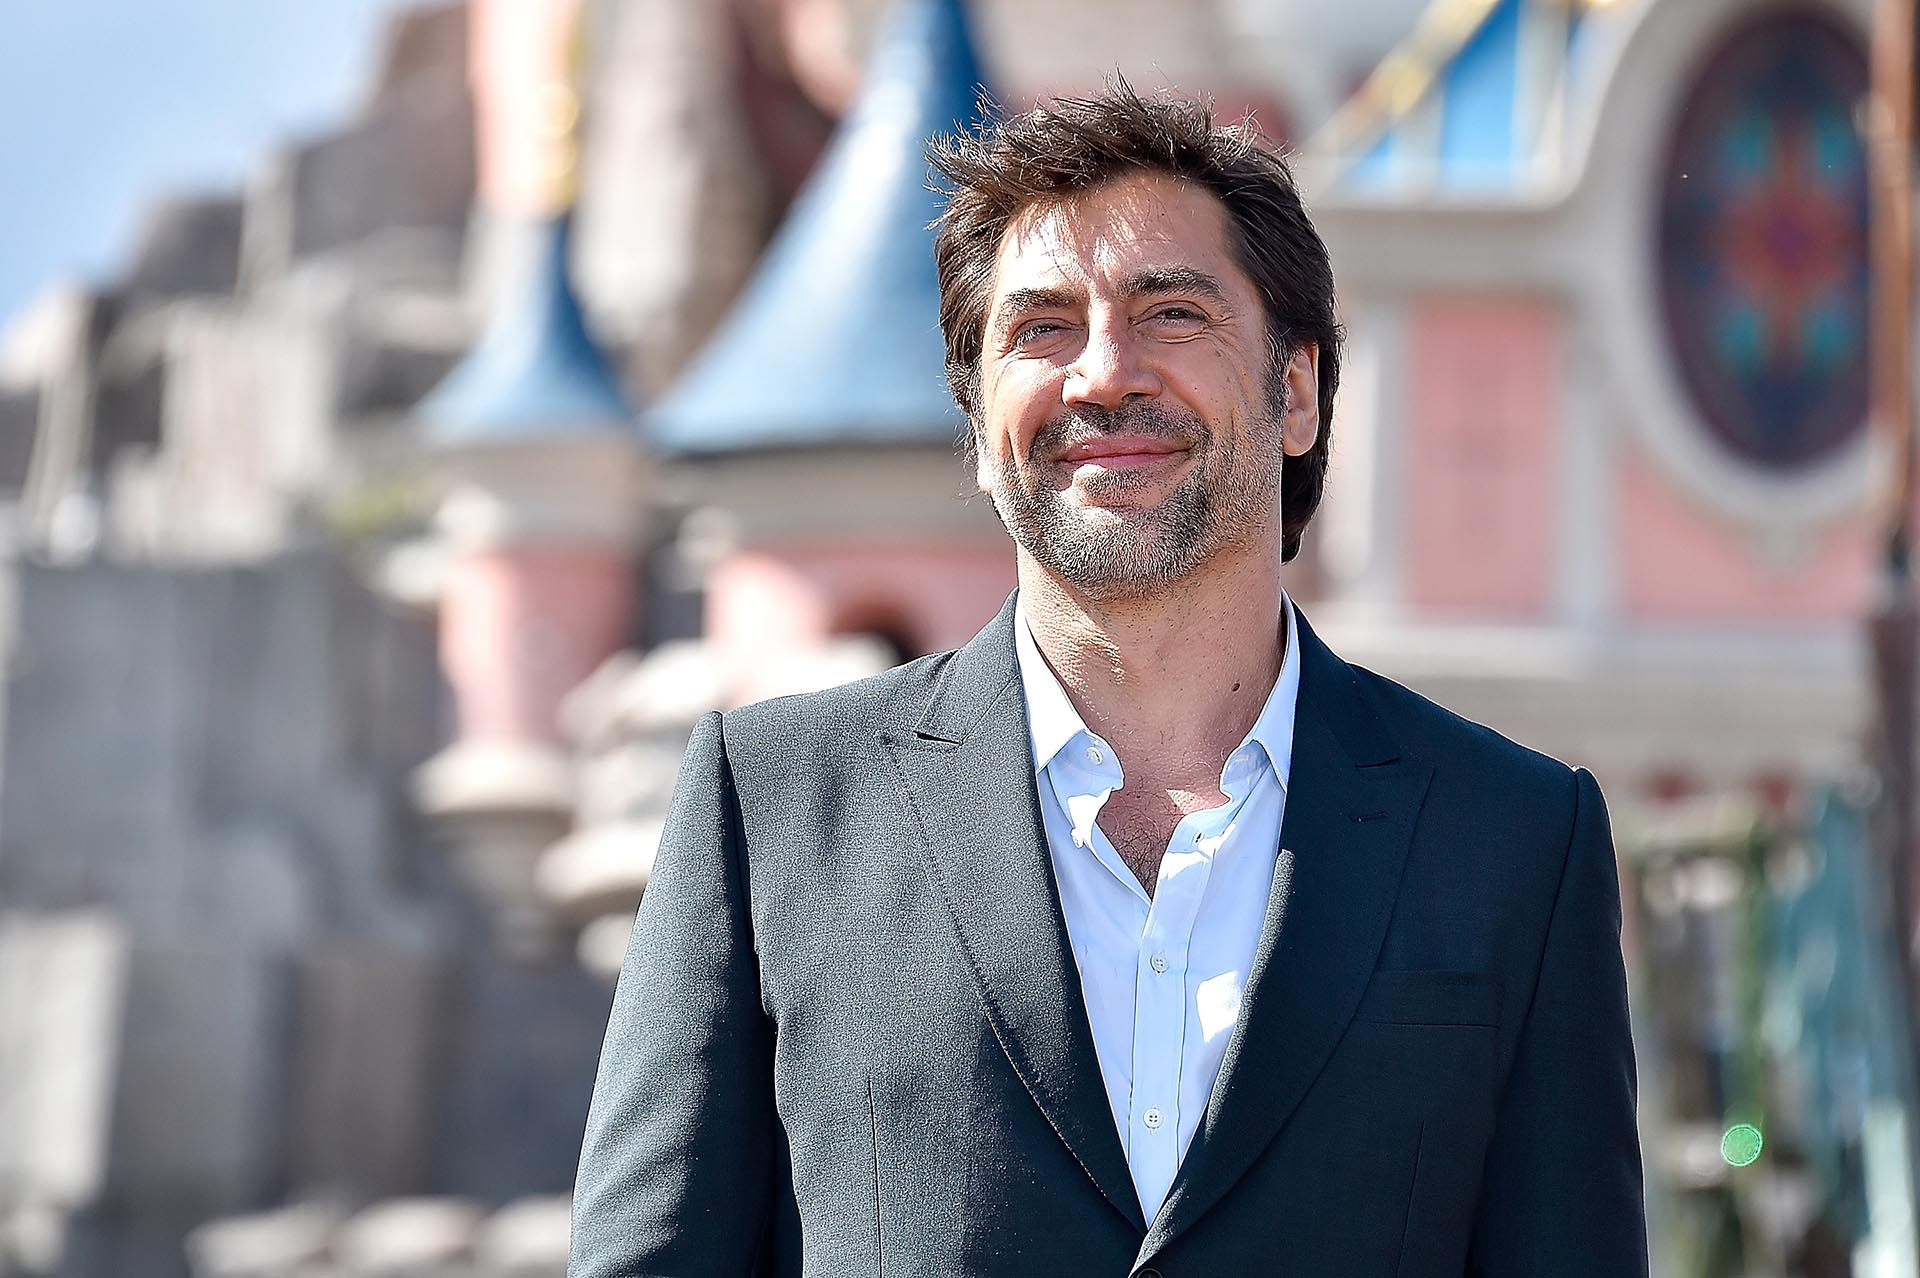 El actor español, Javier Bardem, se incorpora a la saga e interpreta al capitán Salazar